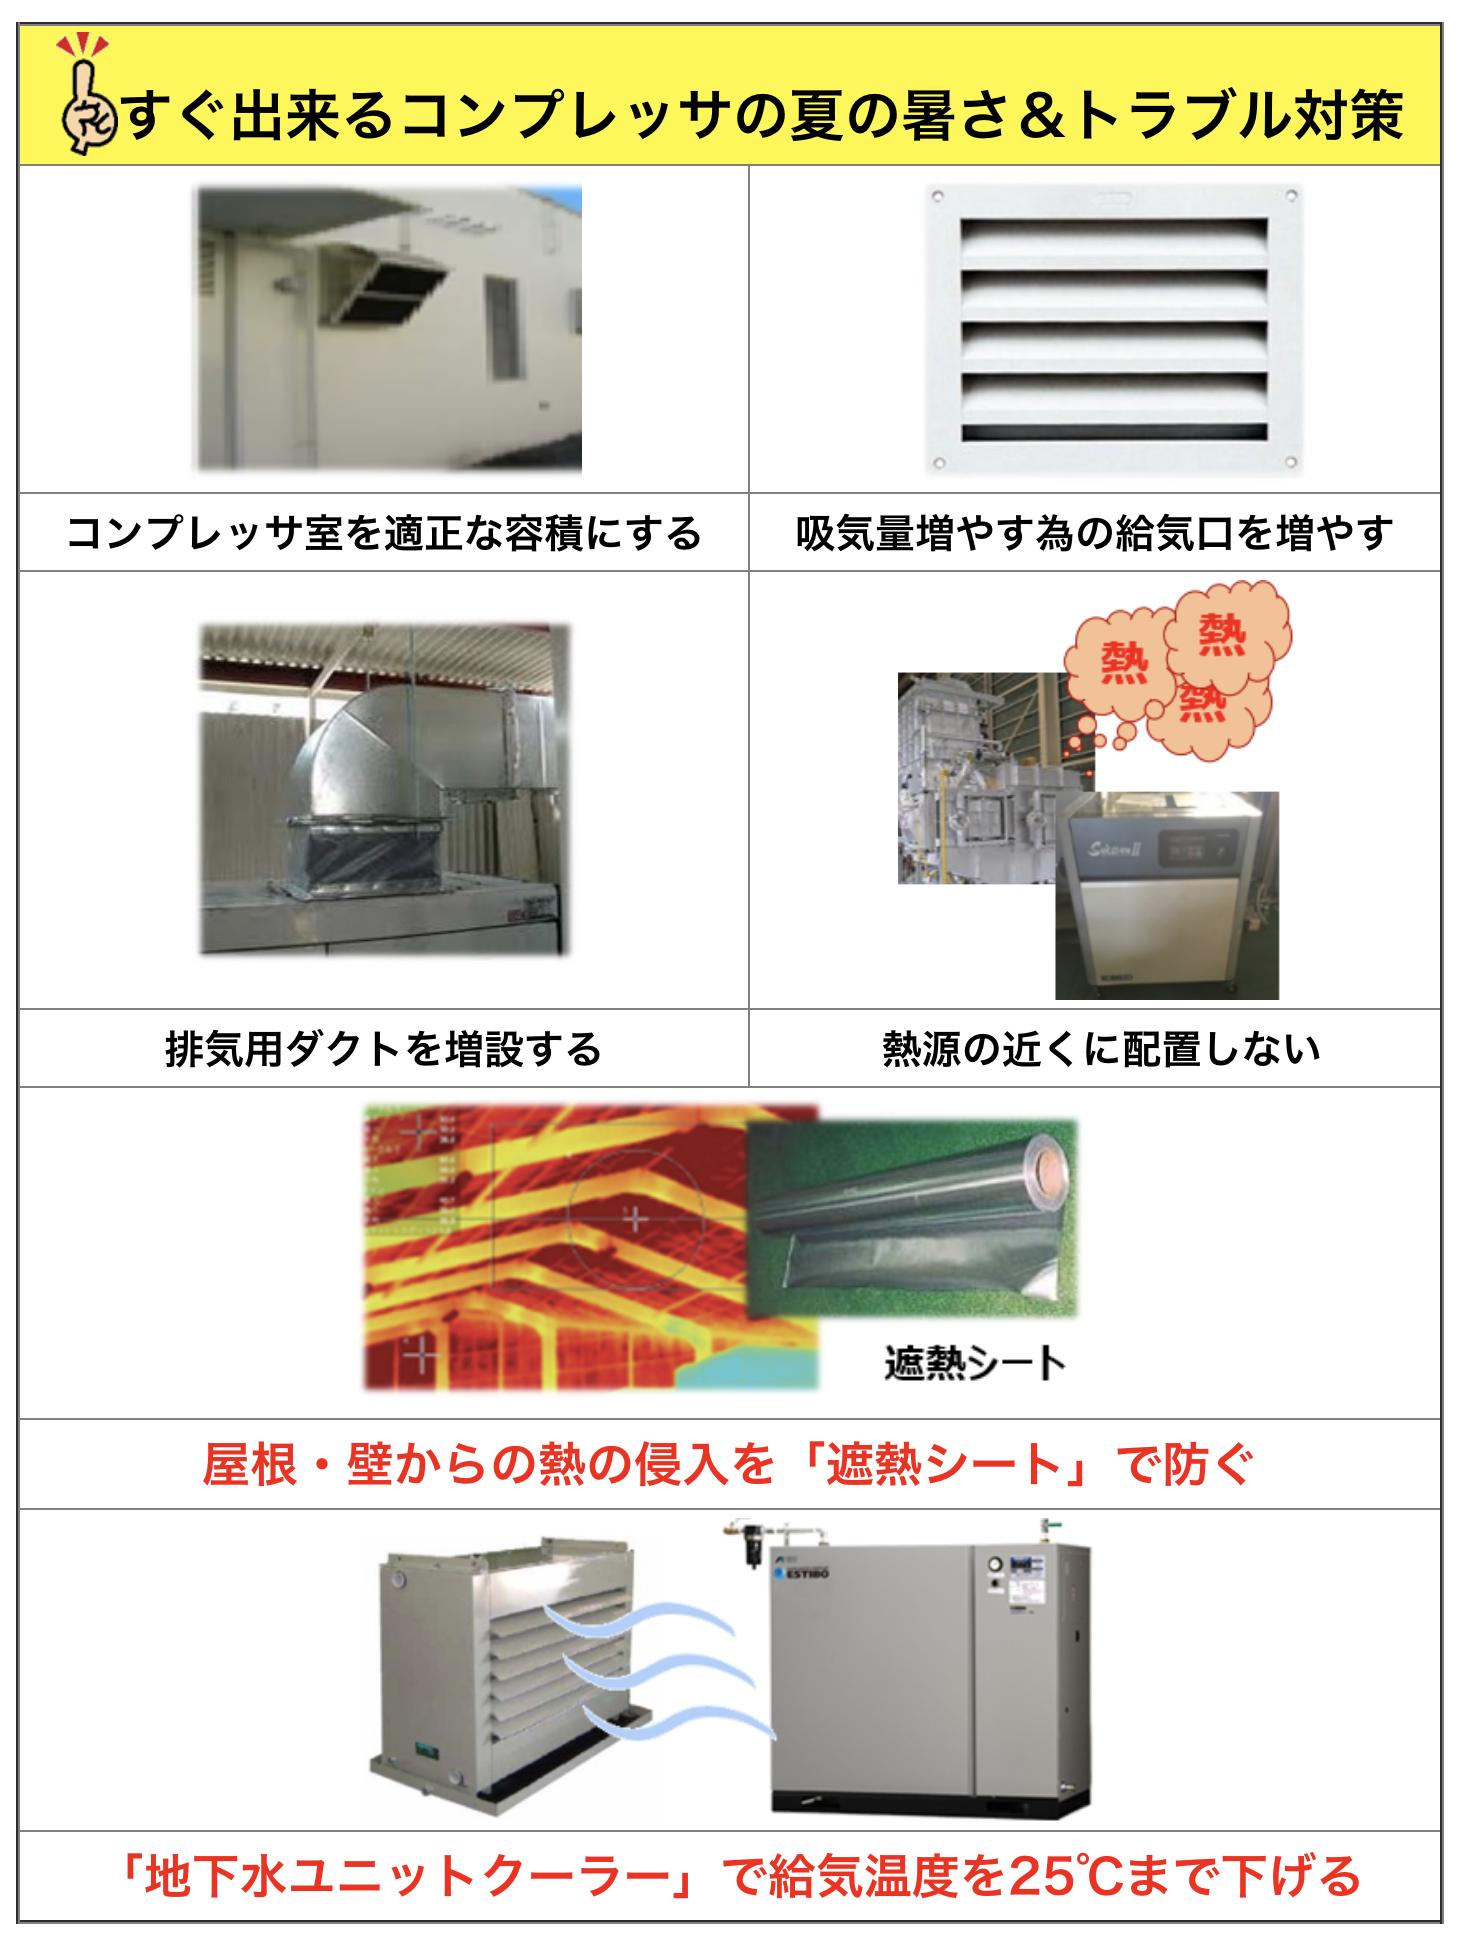 すぐ出来るコンプレッサの夏の暑さ&トラブル対策 062613 072508 コンプレッサ室を適正な容積にする 吸気量増やす為の給気口を増やす 072509 072510 排気用ダクトを増設する 熱源の近くに配置しない 072511 屋根・壁からの熱の侵入を「遮熱シート」で防ぐ 072512 「地下水ユニットクーラー」で給気温度を25℃まで下げる